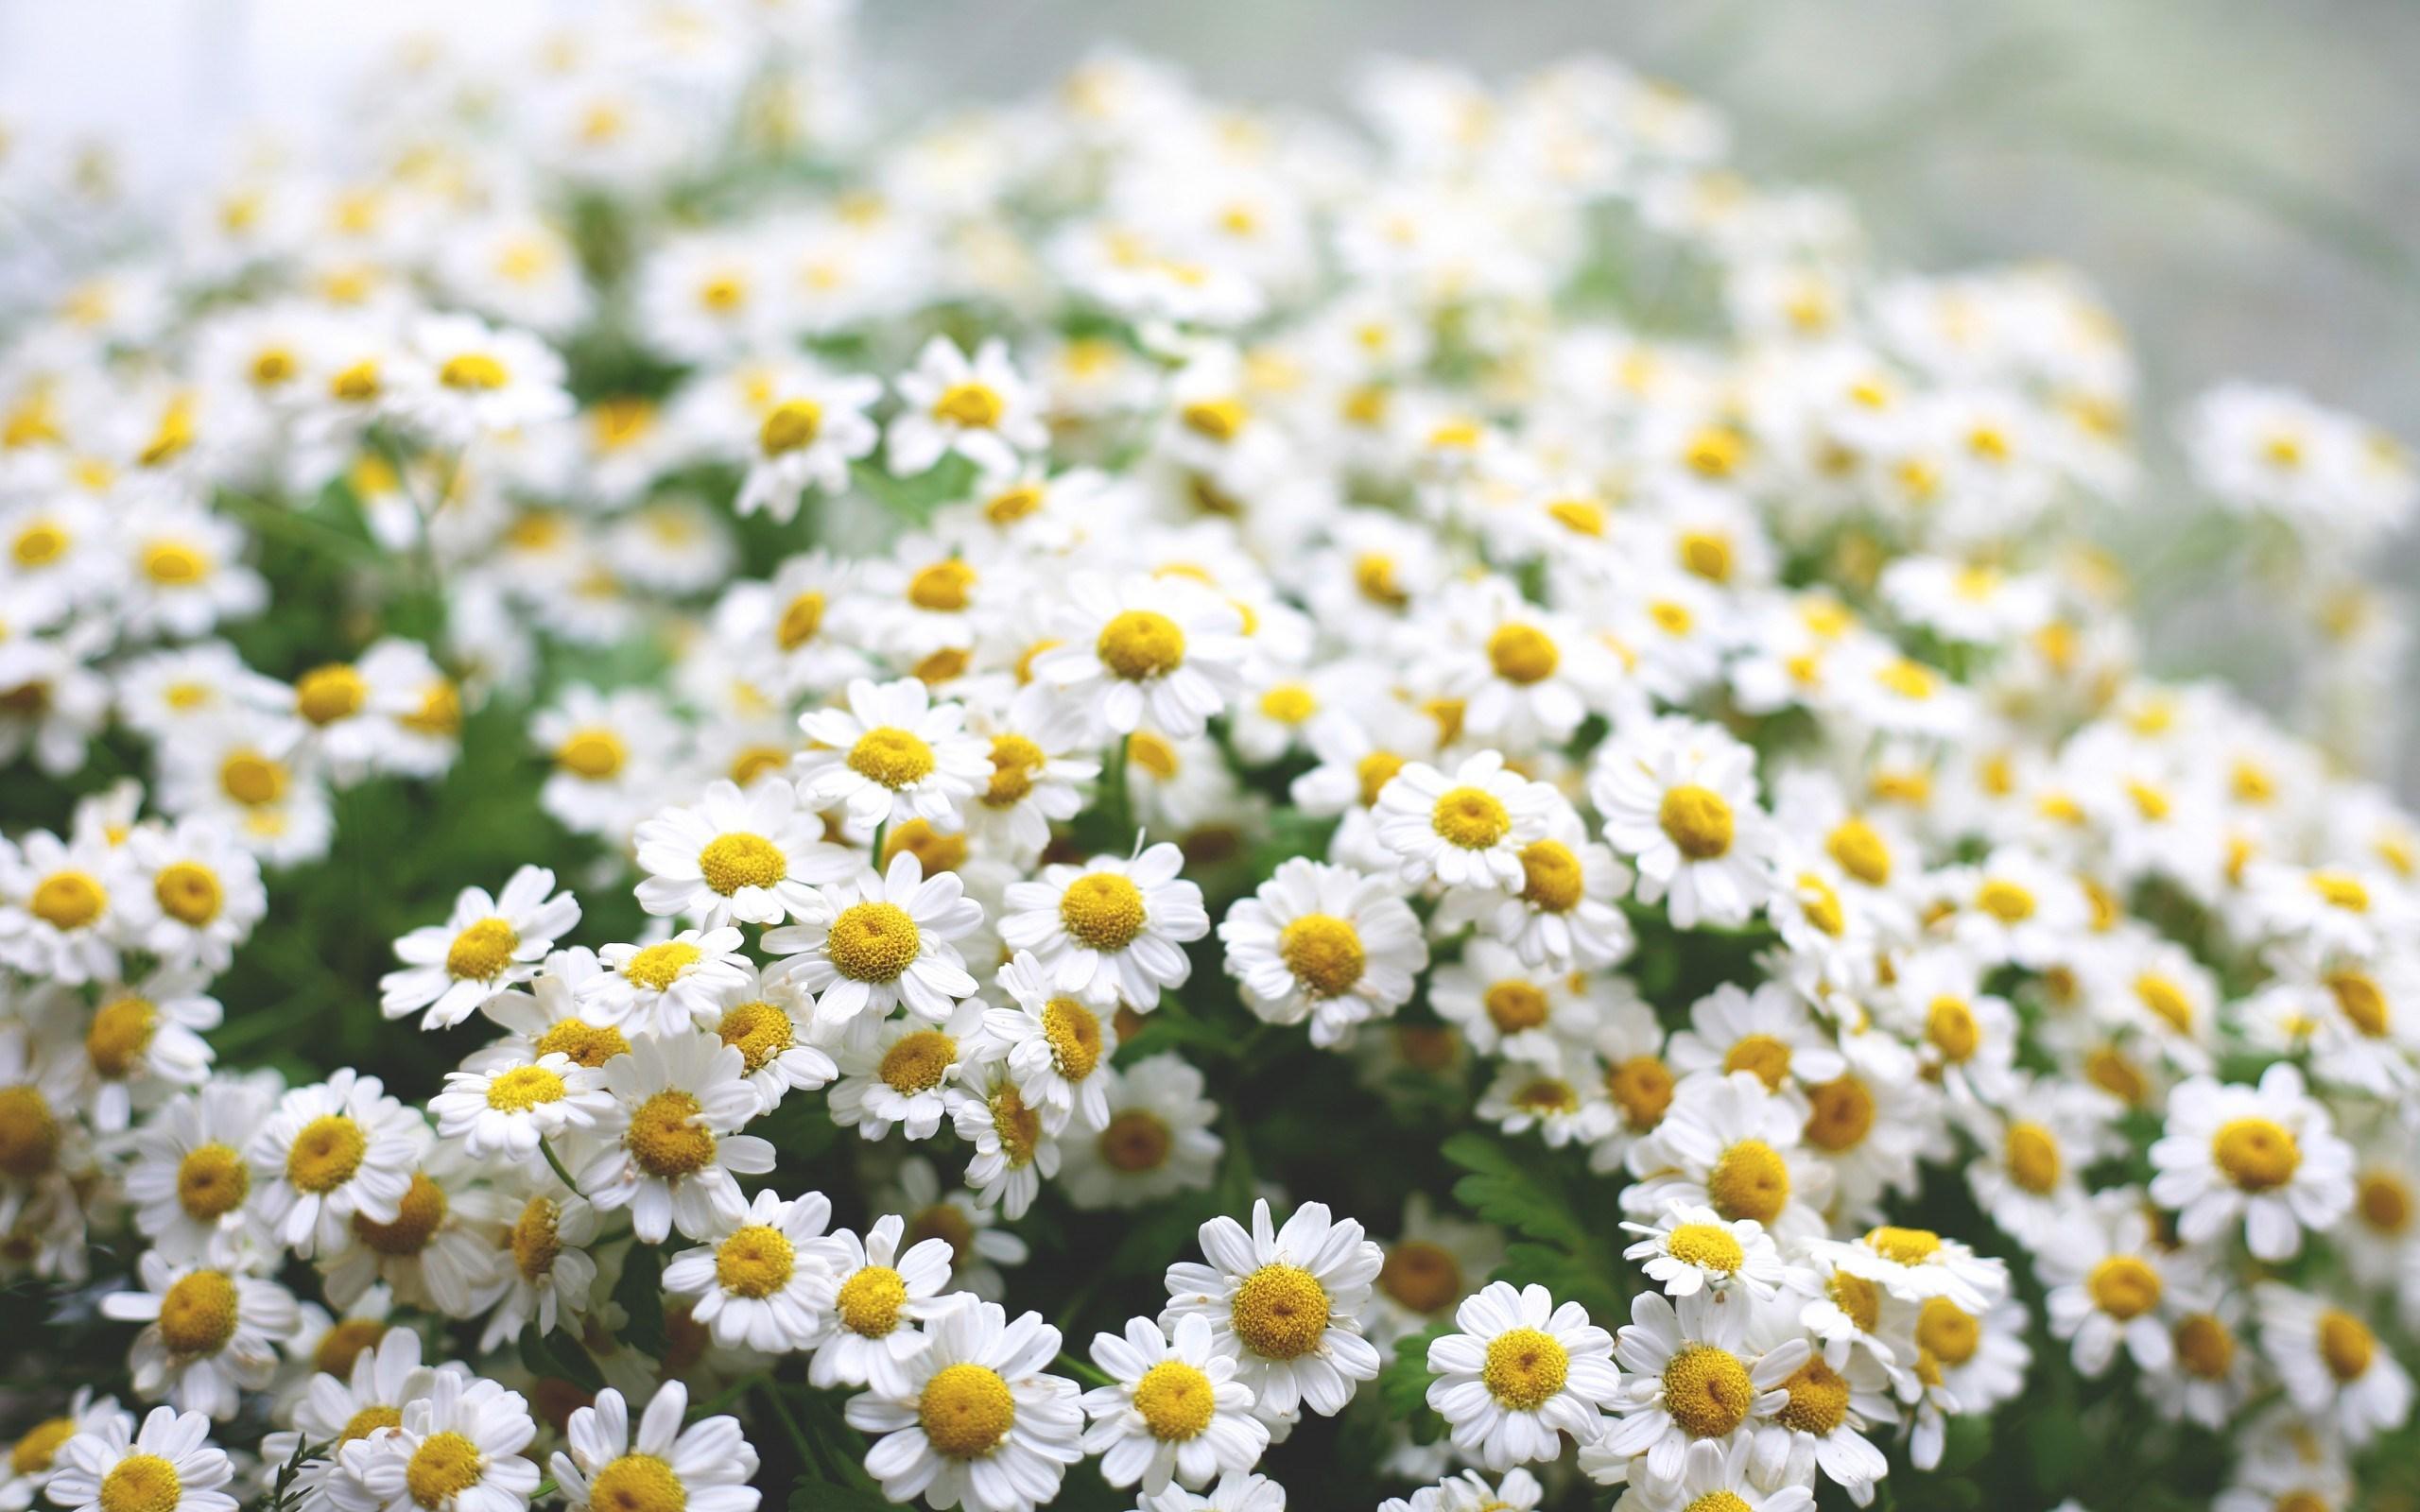 Gėlės nuotrauka. (Pavadinimas: Ramunė)